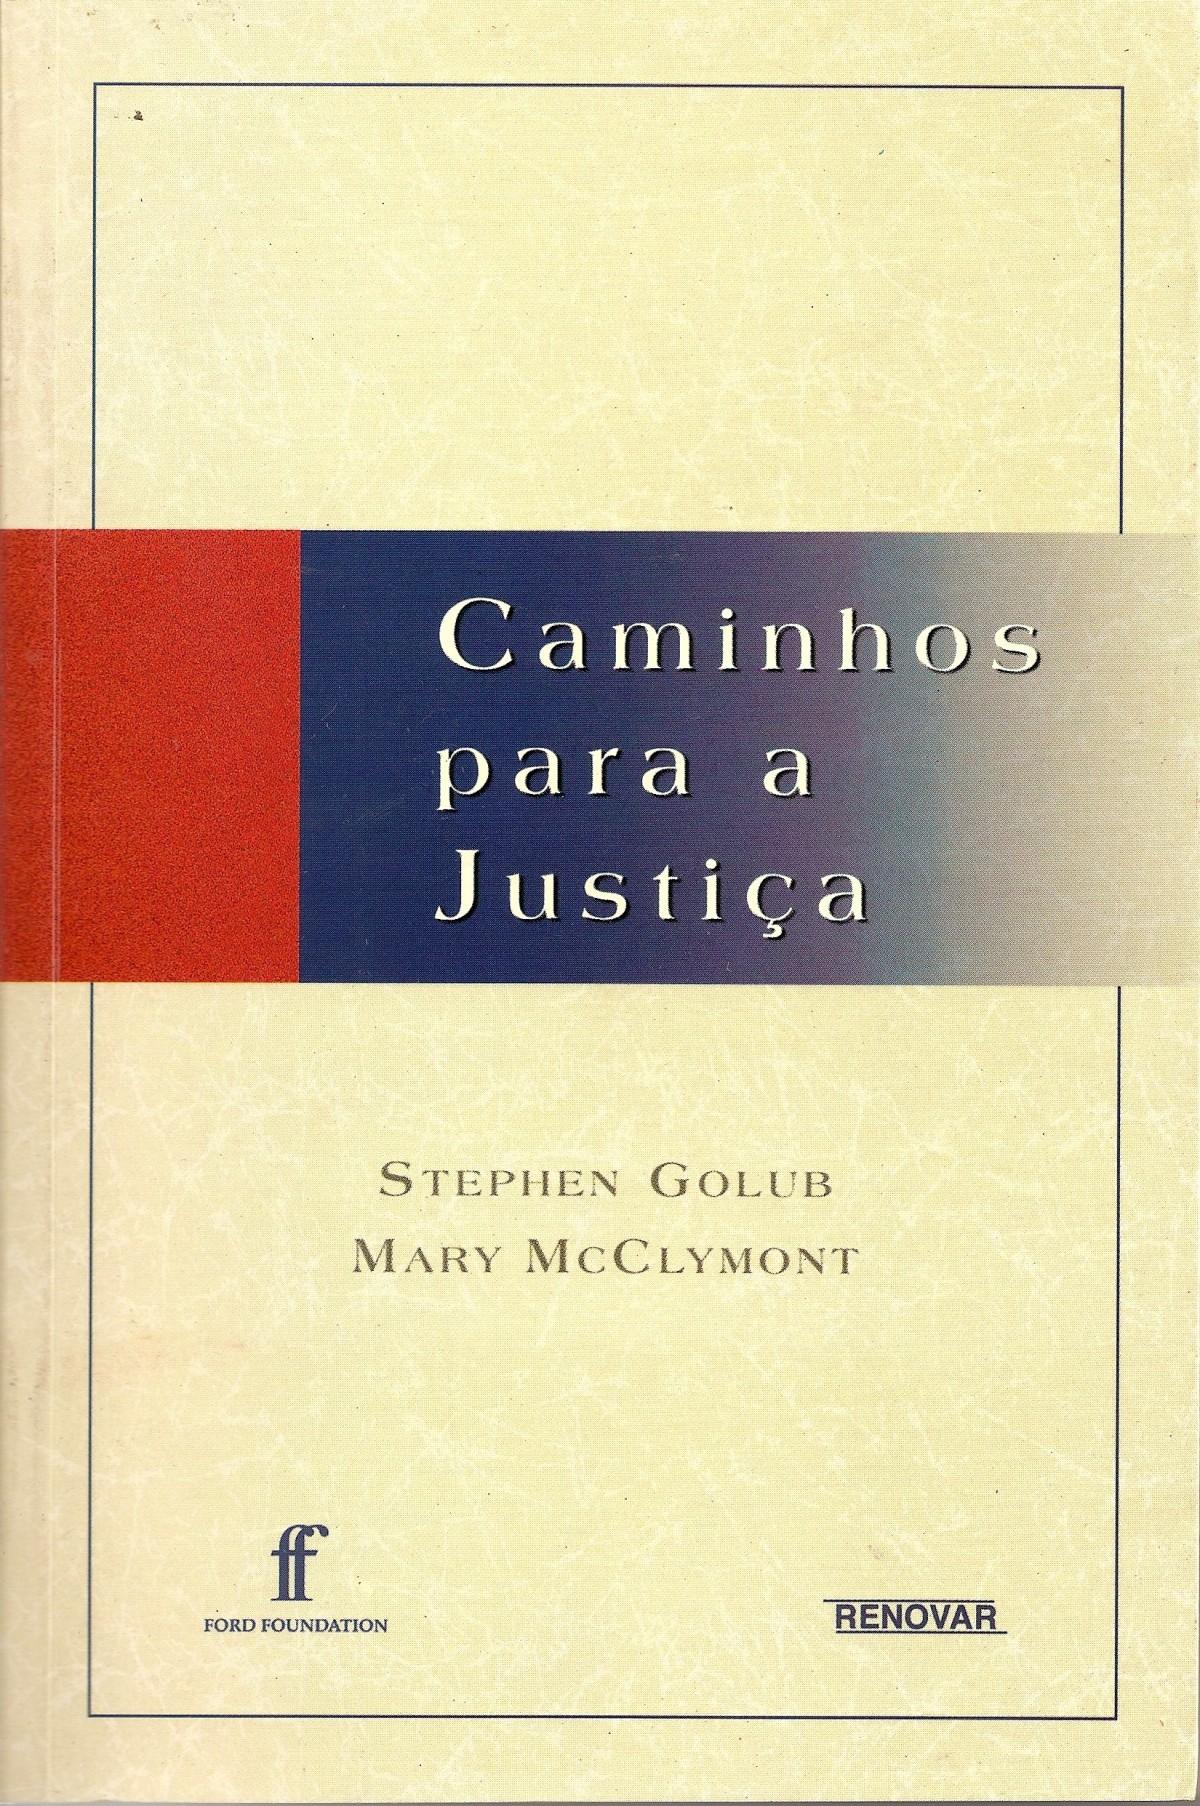 Foto 1 - Caminhos para a Justiça